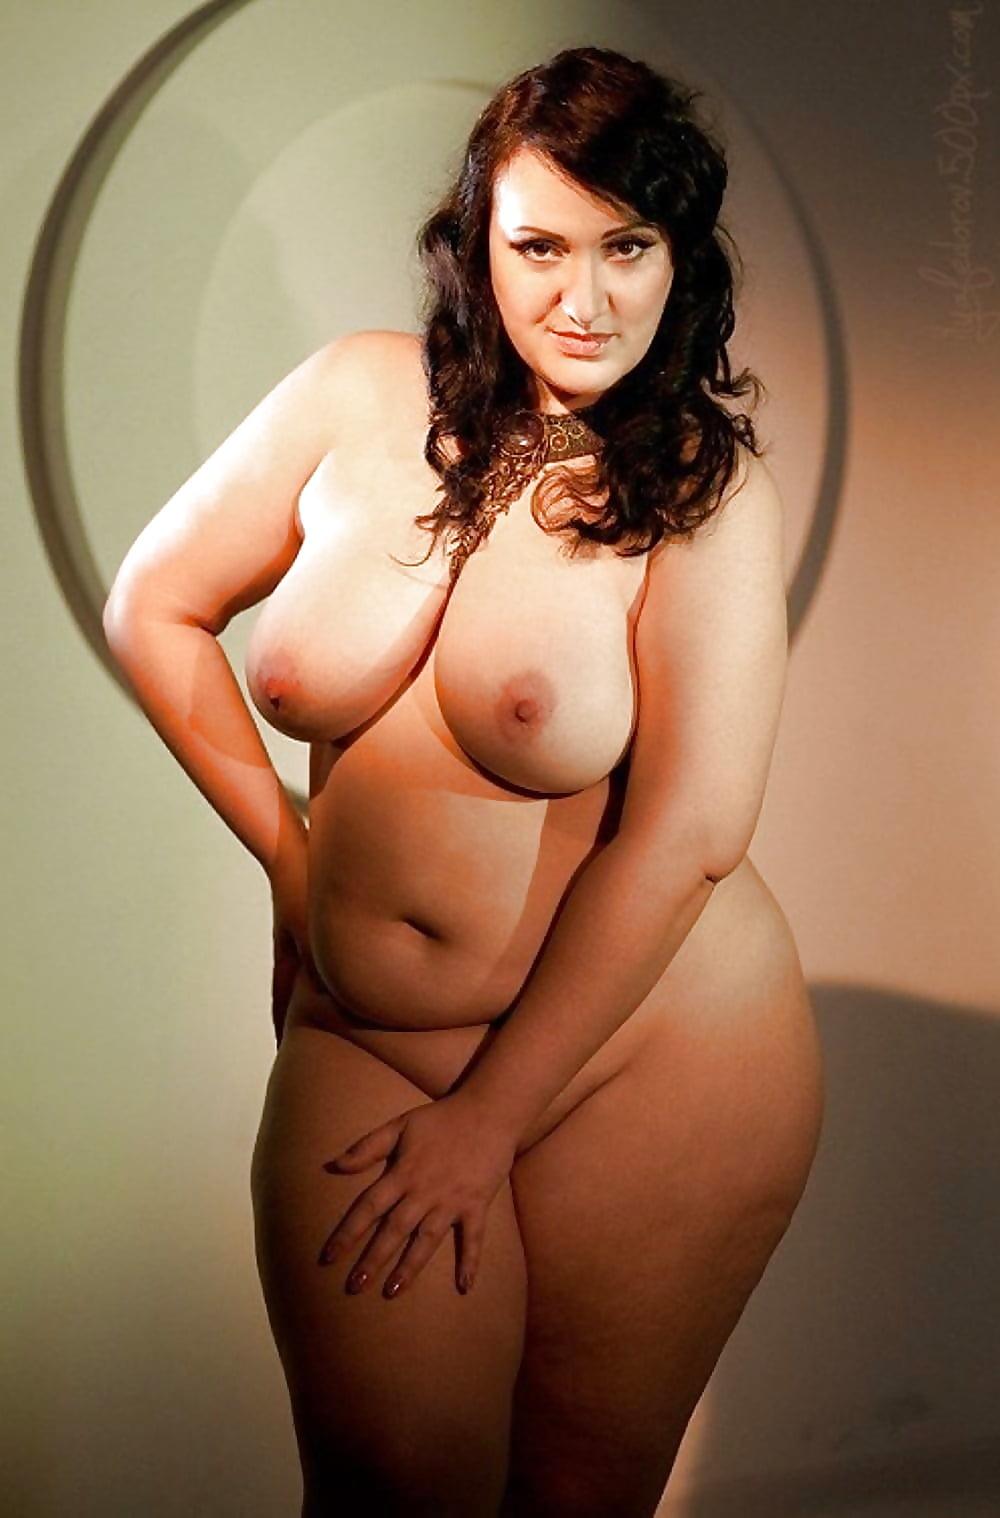 nude-bulky